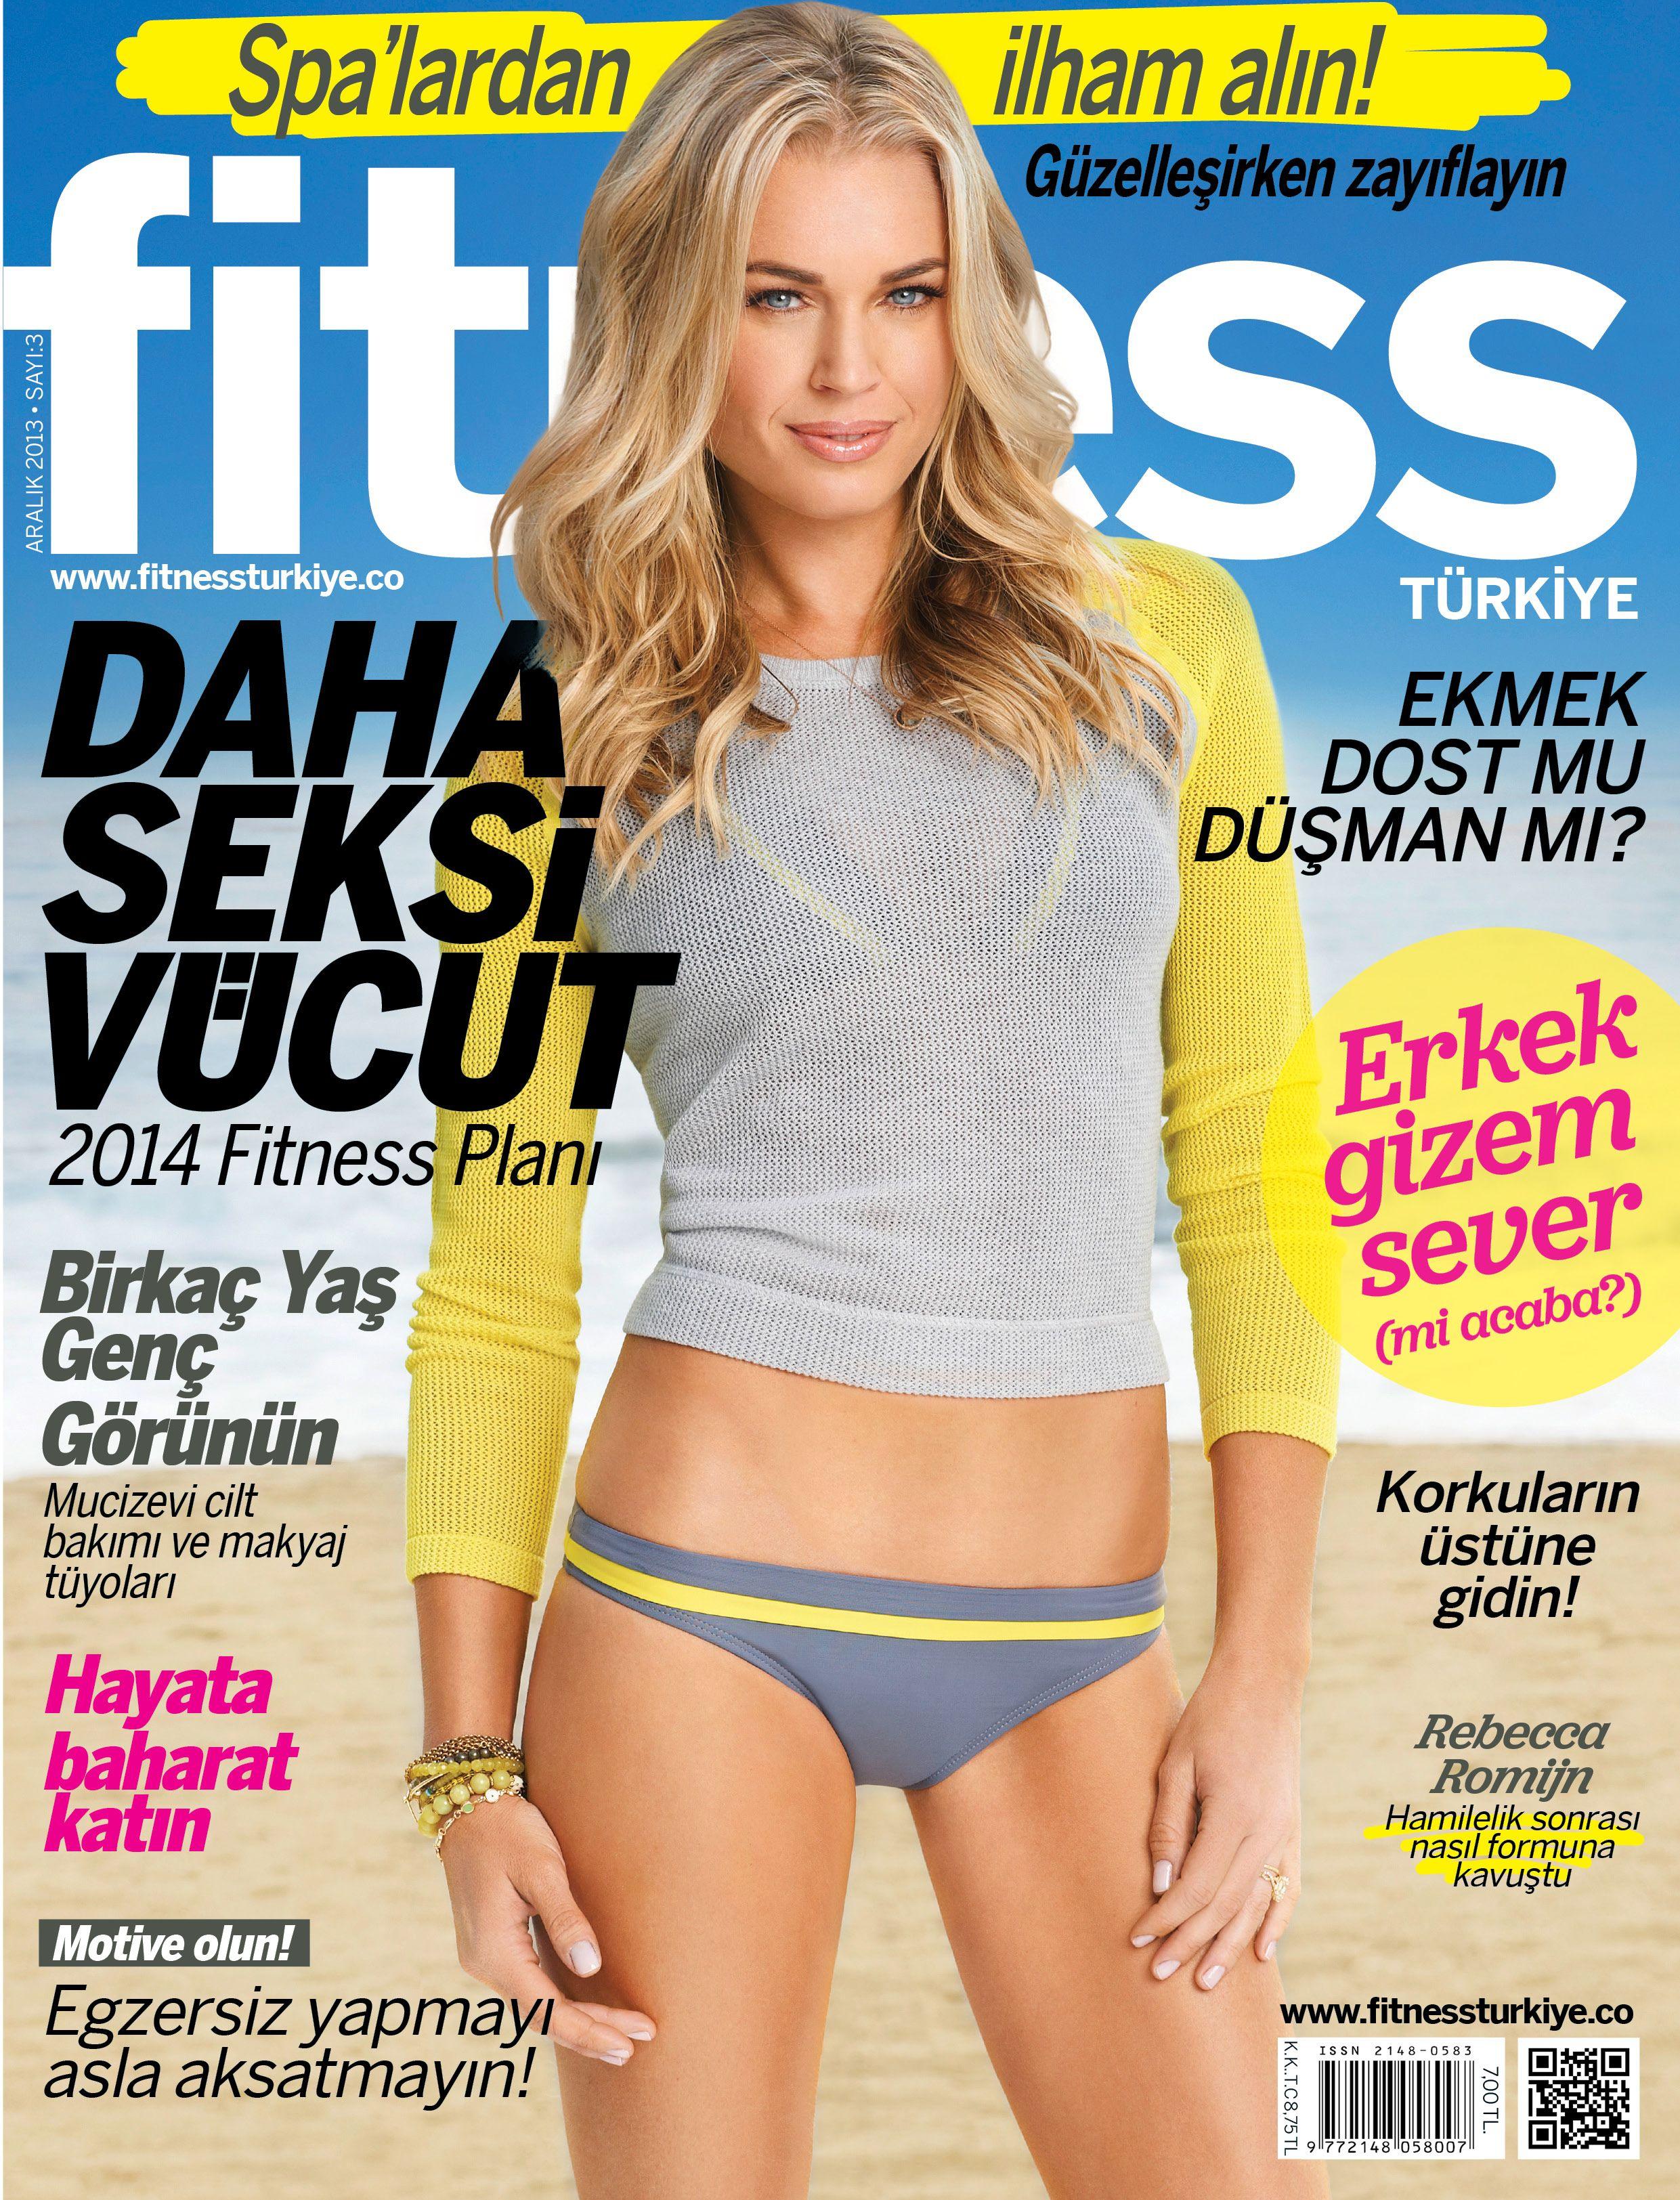 ABD Apnda Tam 7 Milyon 370 Bin Okuru Olan Fitness Magazine